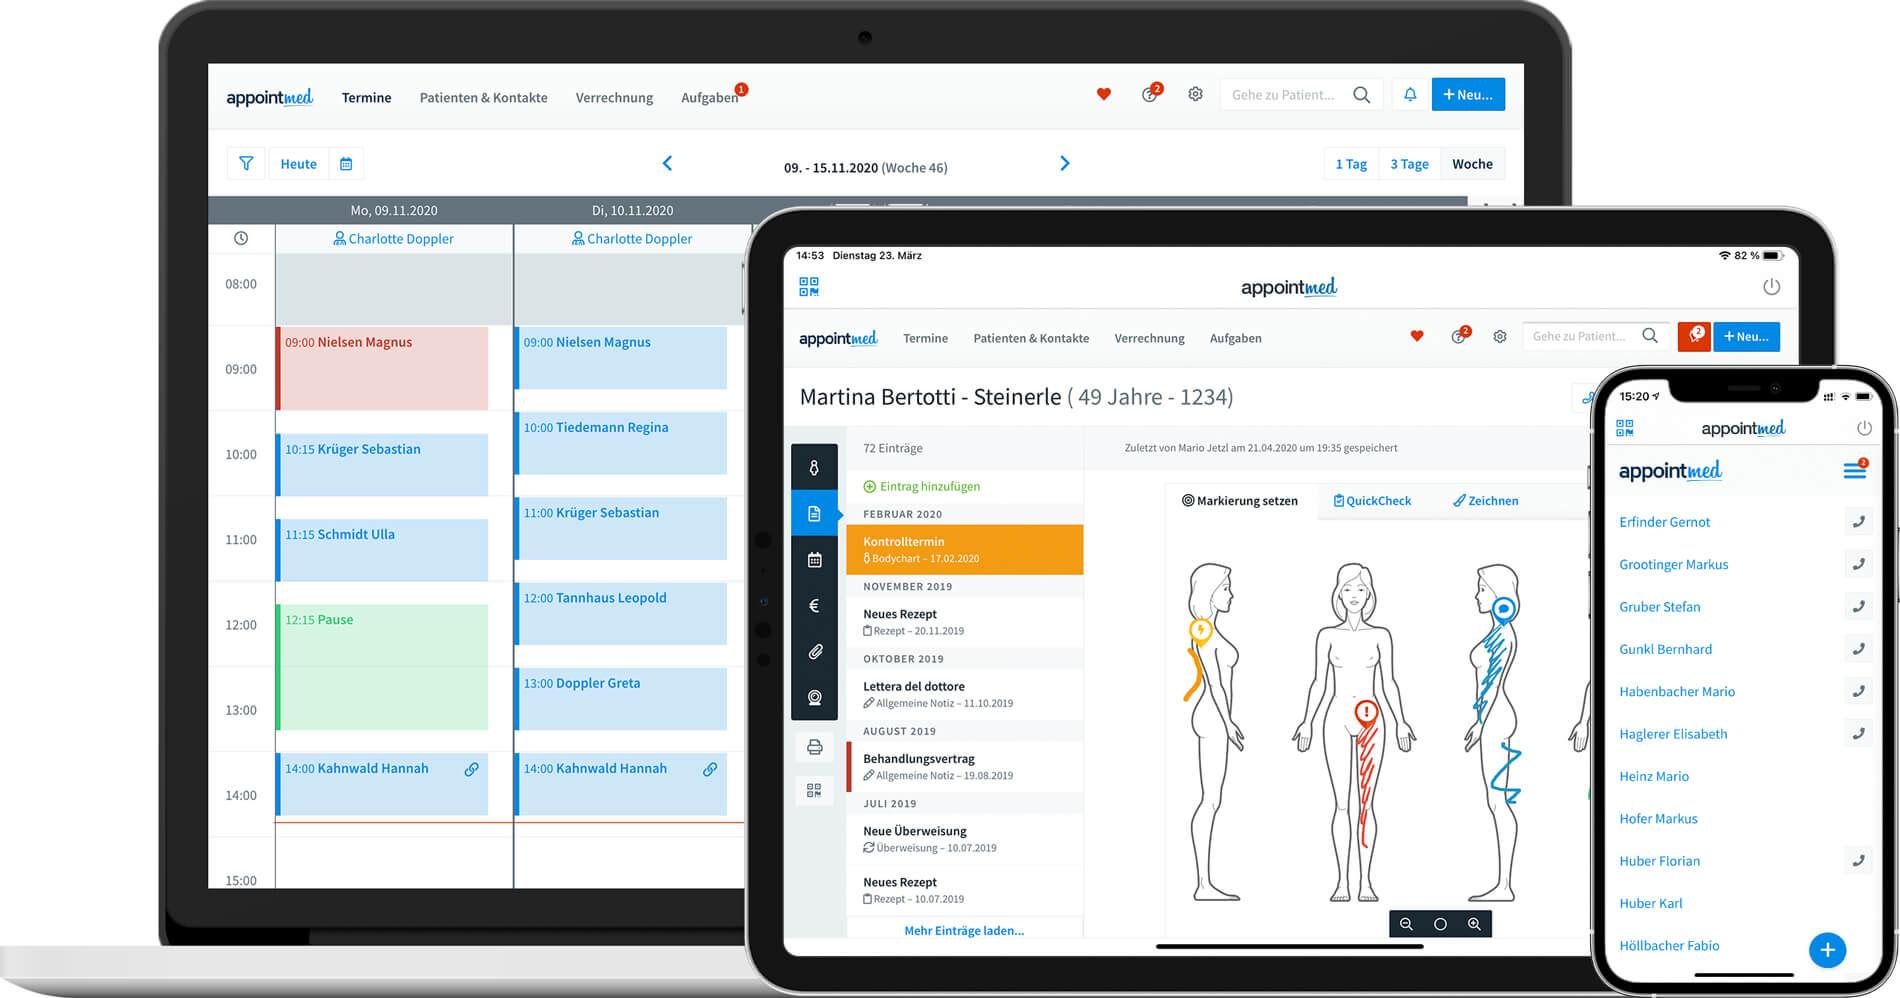 Praxissoftware für Heilpraktiker - appointmed